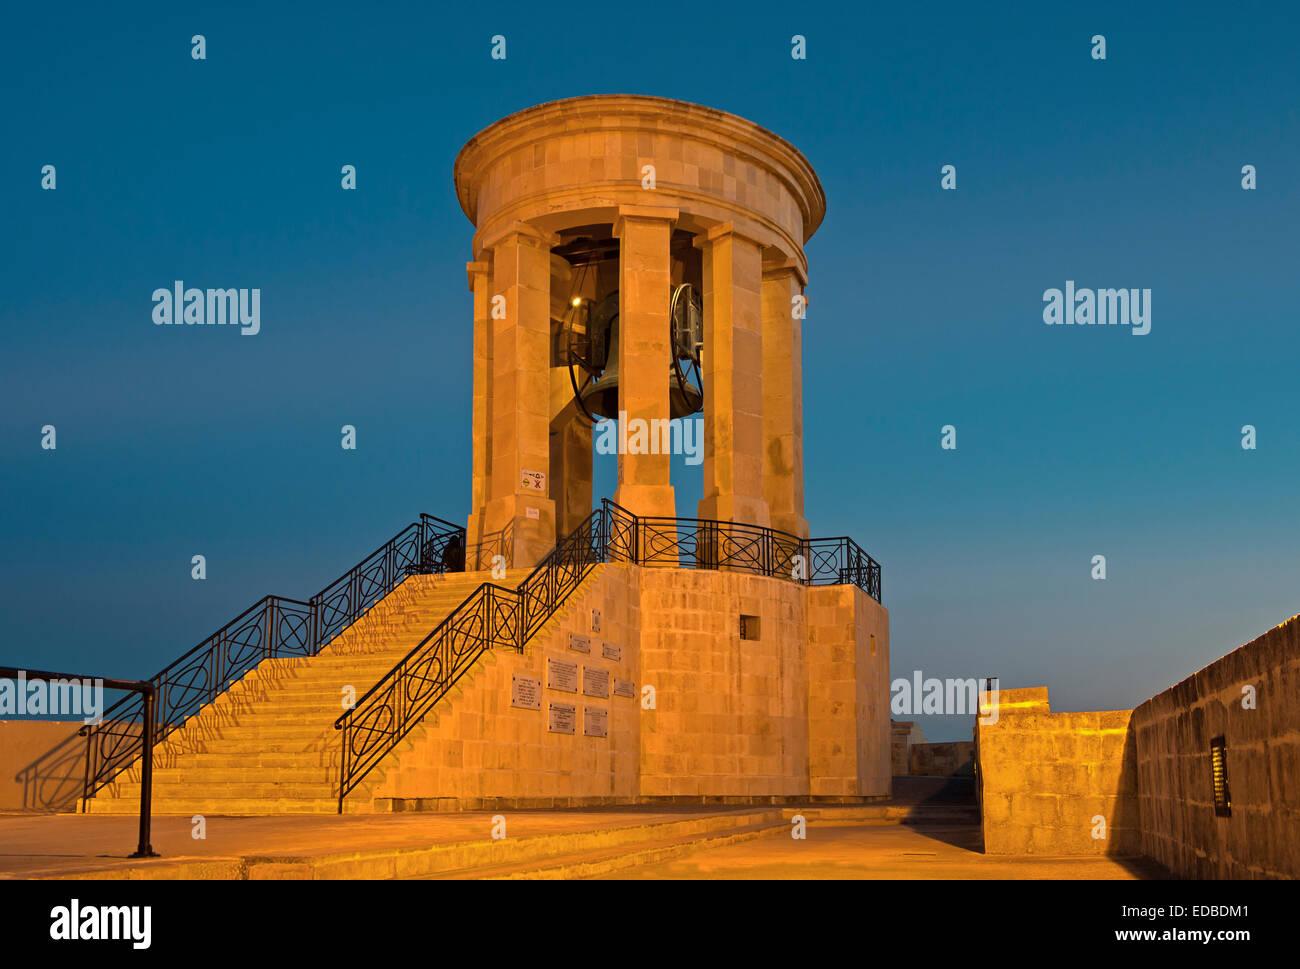 Siege Bell Memorial, at night, Valletta, Malta - Stock Image